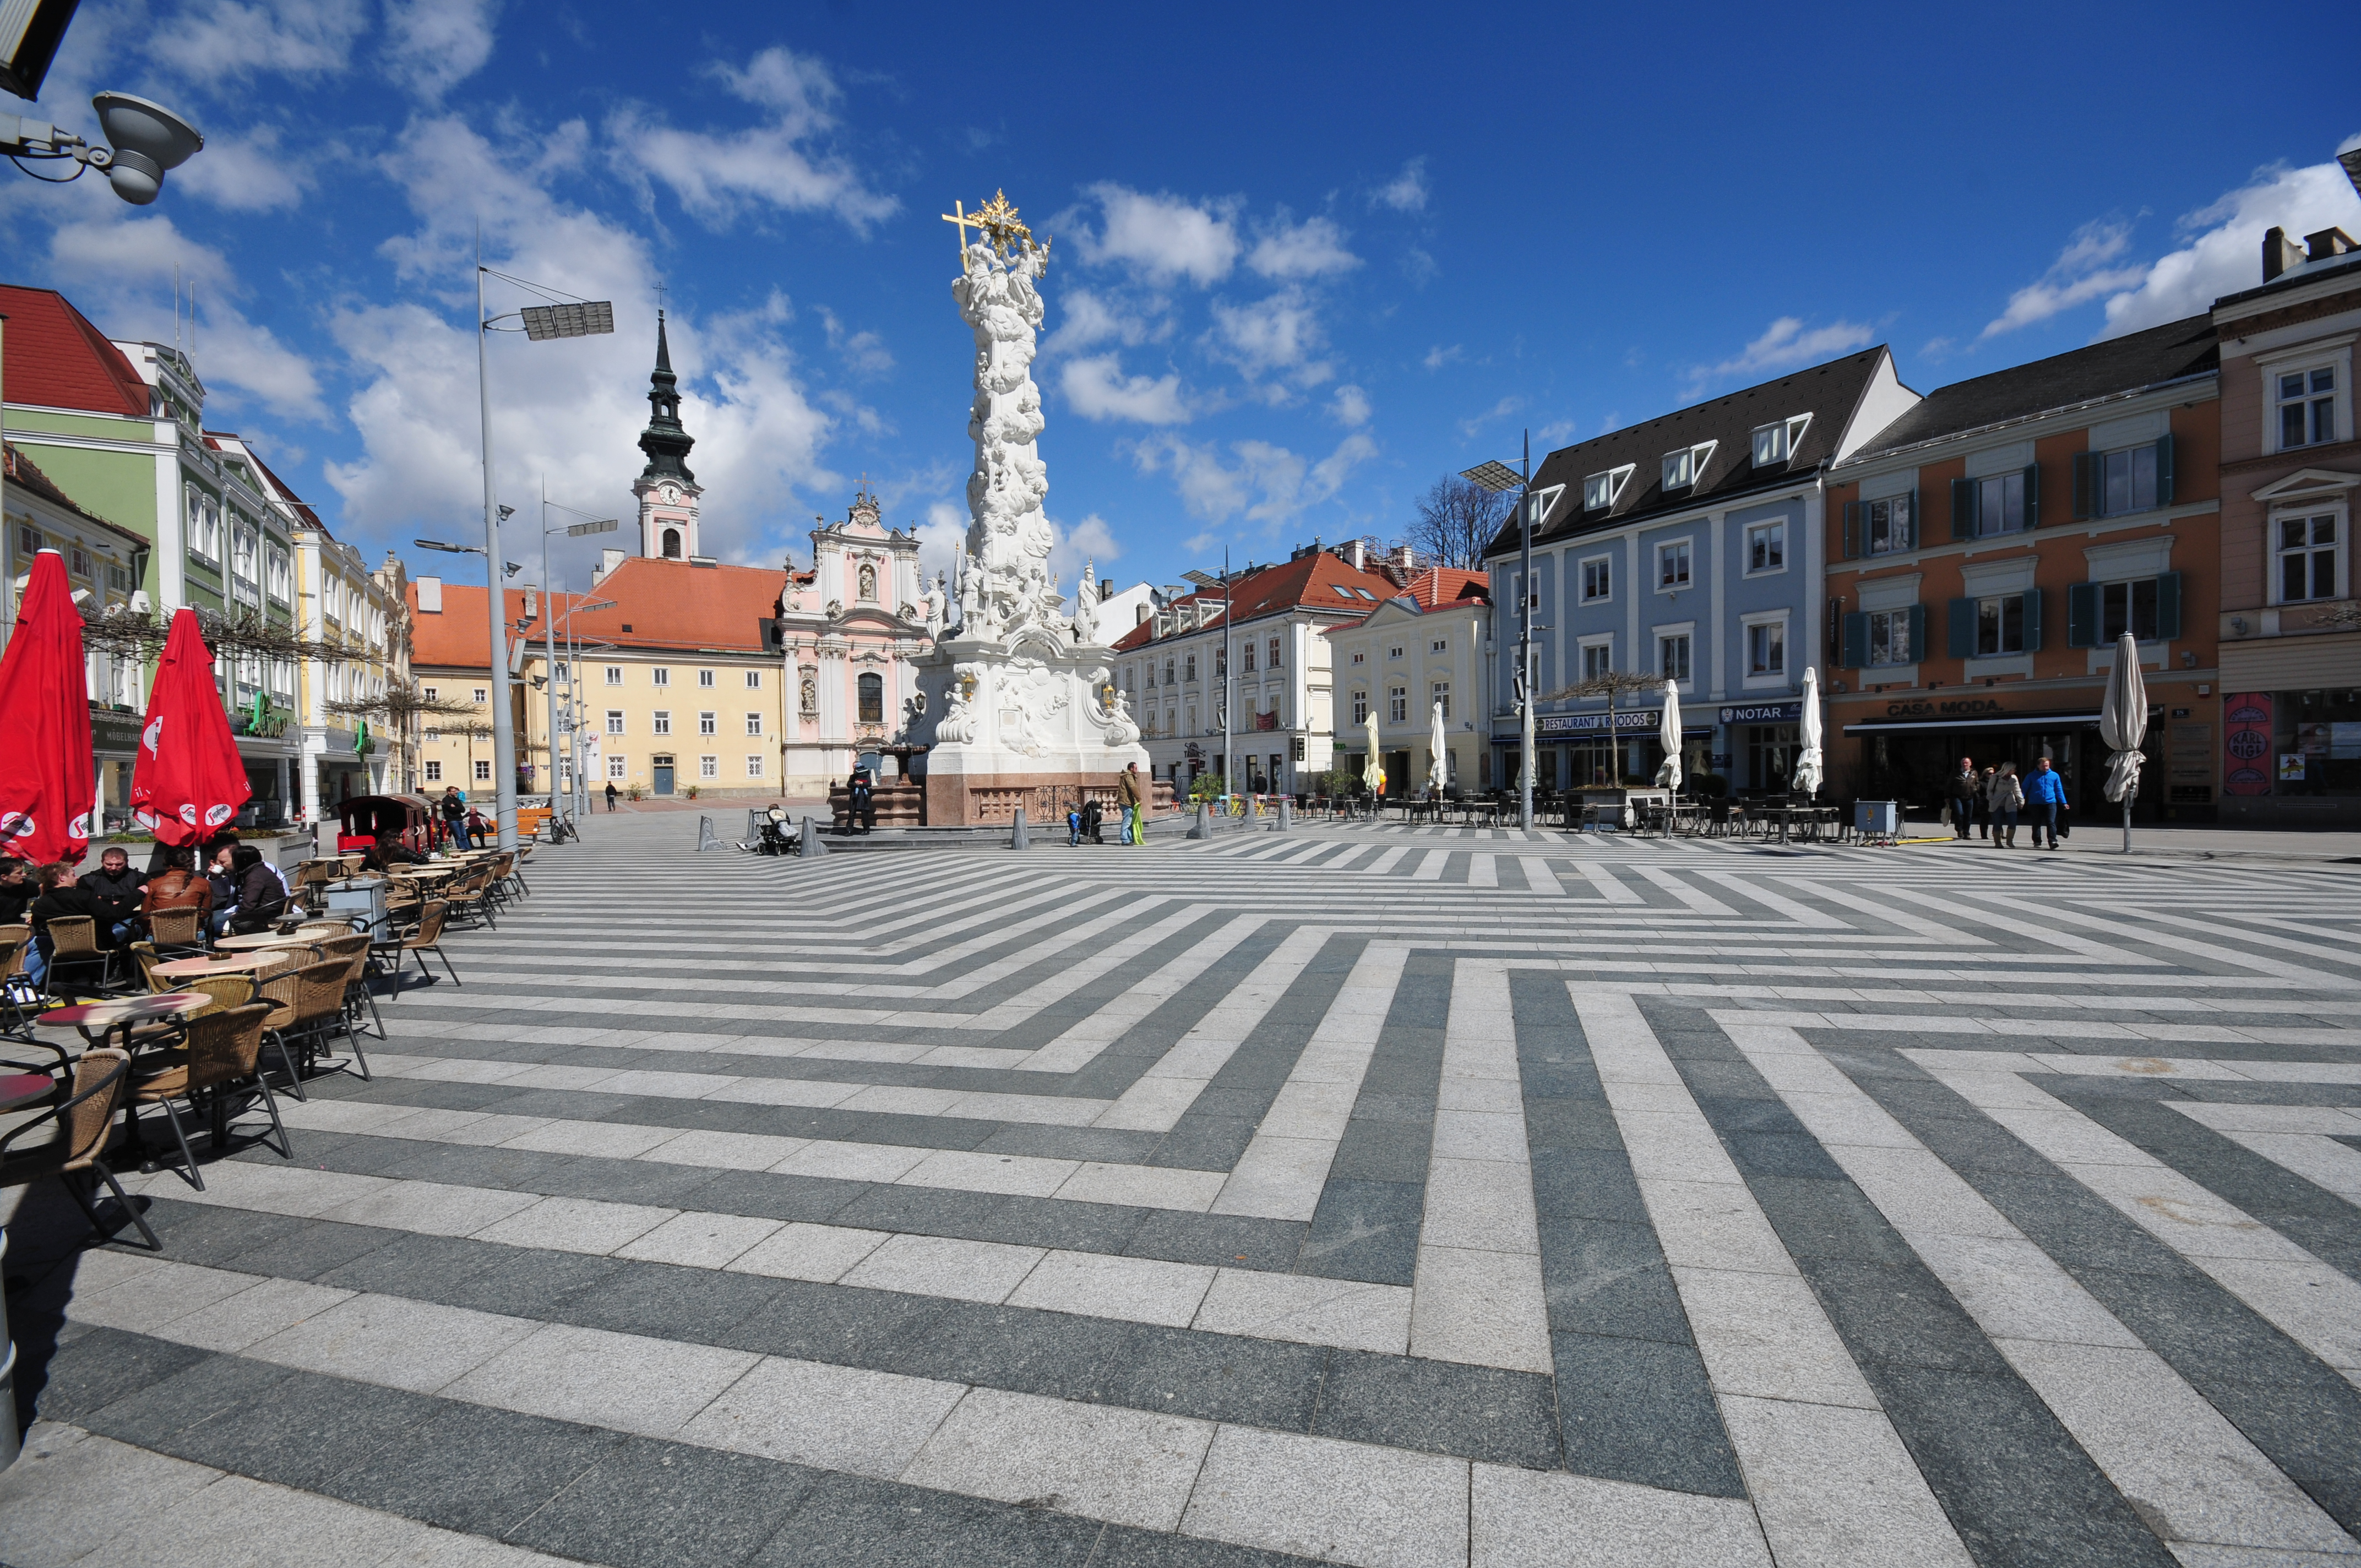 Sankt Polten Austria  city pictures gallery : sankt polten, Niederosterreich, Austria What happens in sankt polten ...